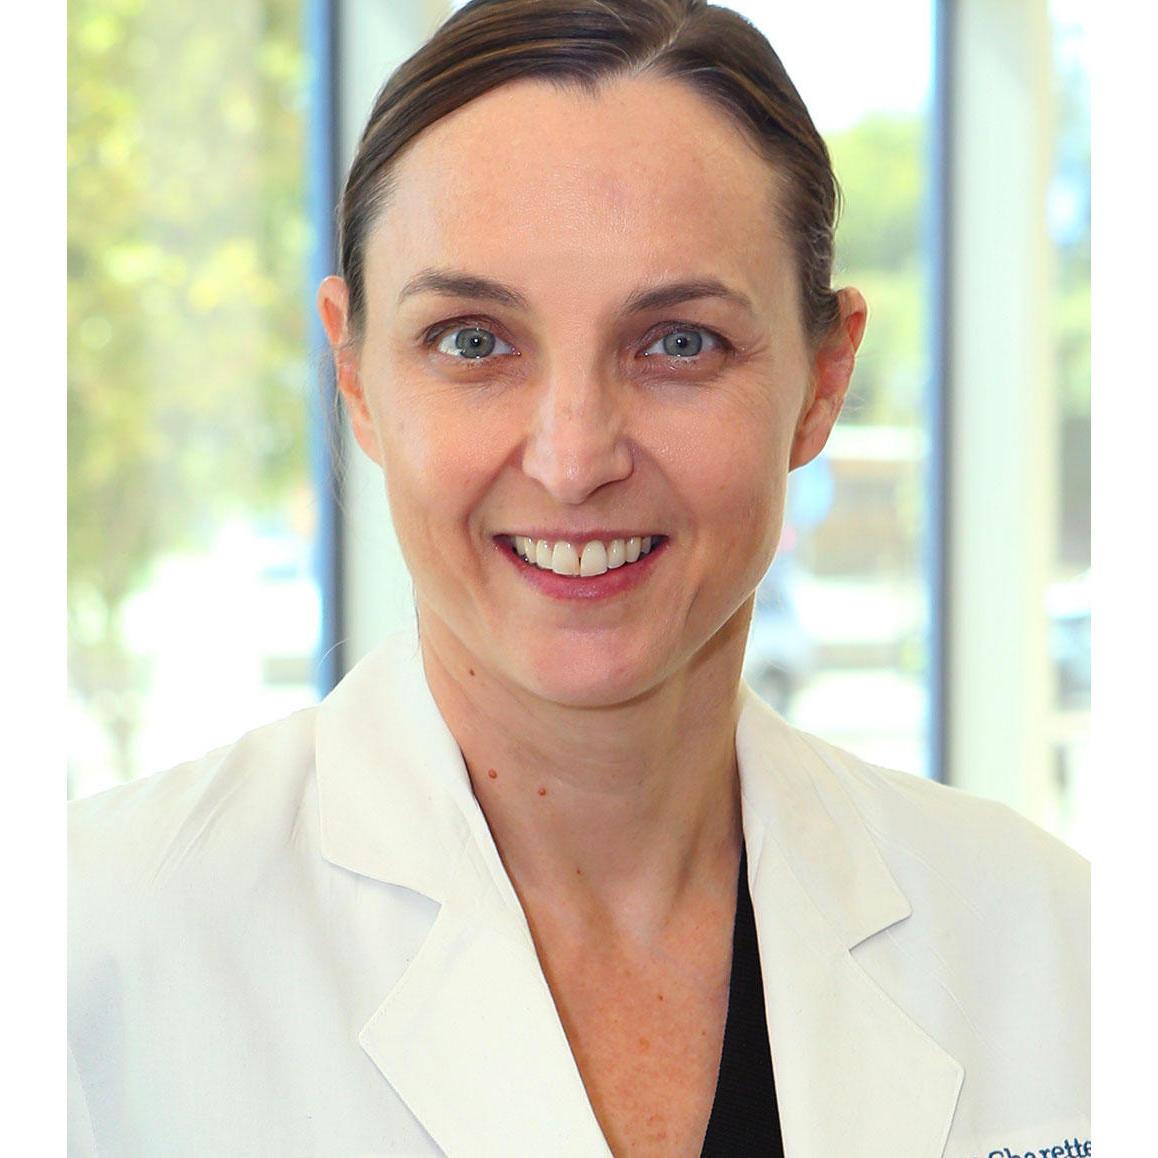 Headshot of Vanessa Charette